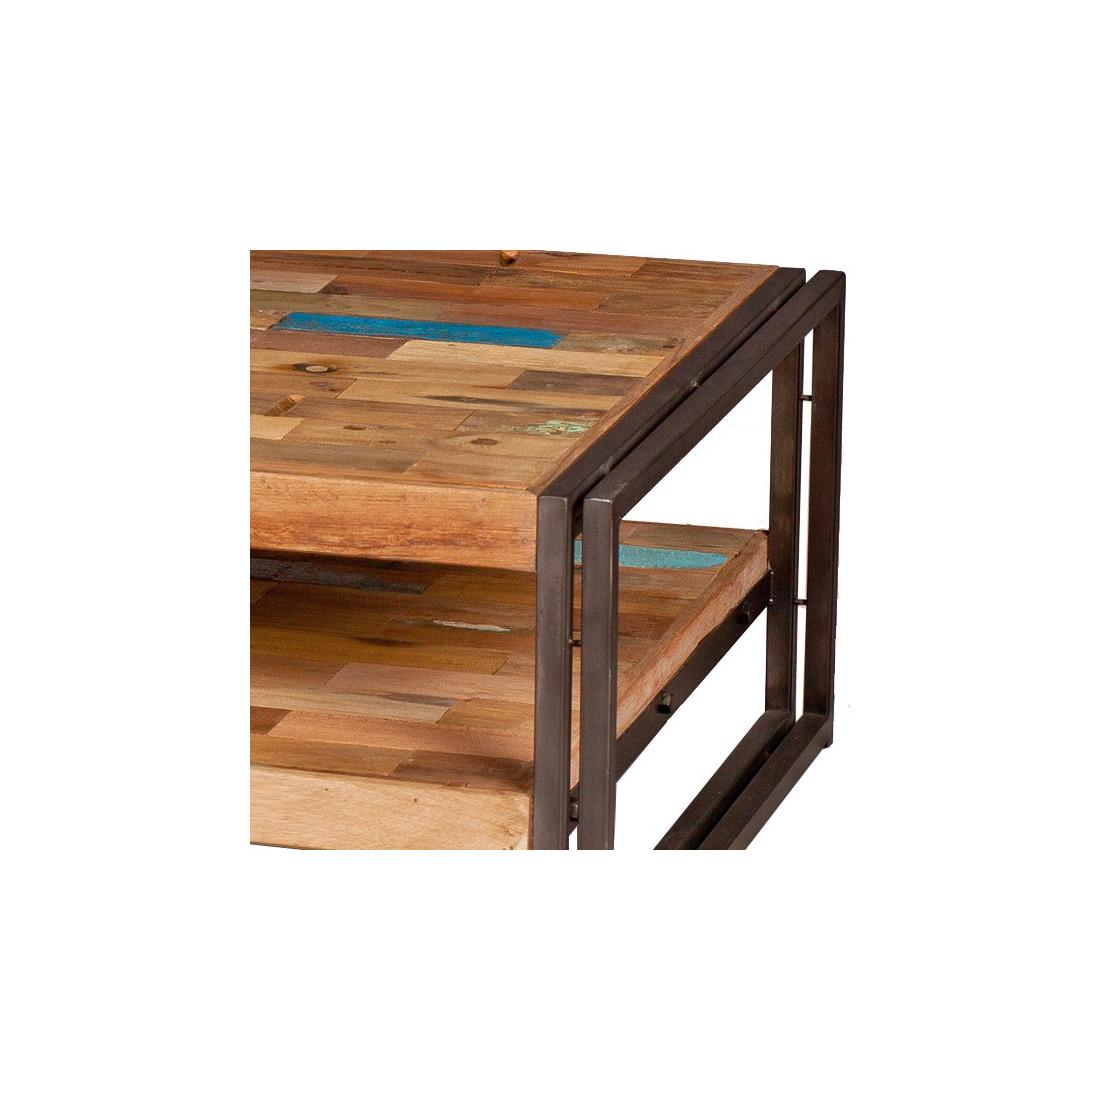 table basse en bois 120 cm industry univers salon tousmesmeubles. Black Bedroom Furniture Sets. Home Design Ideas